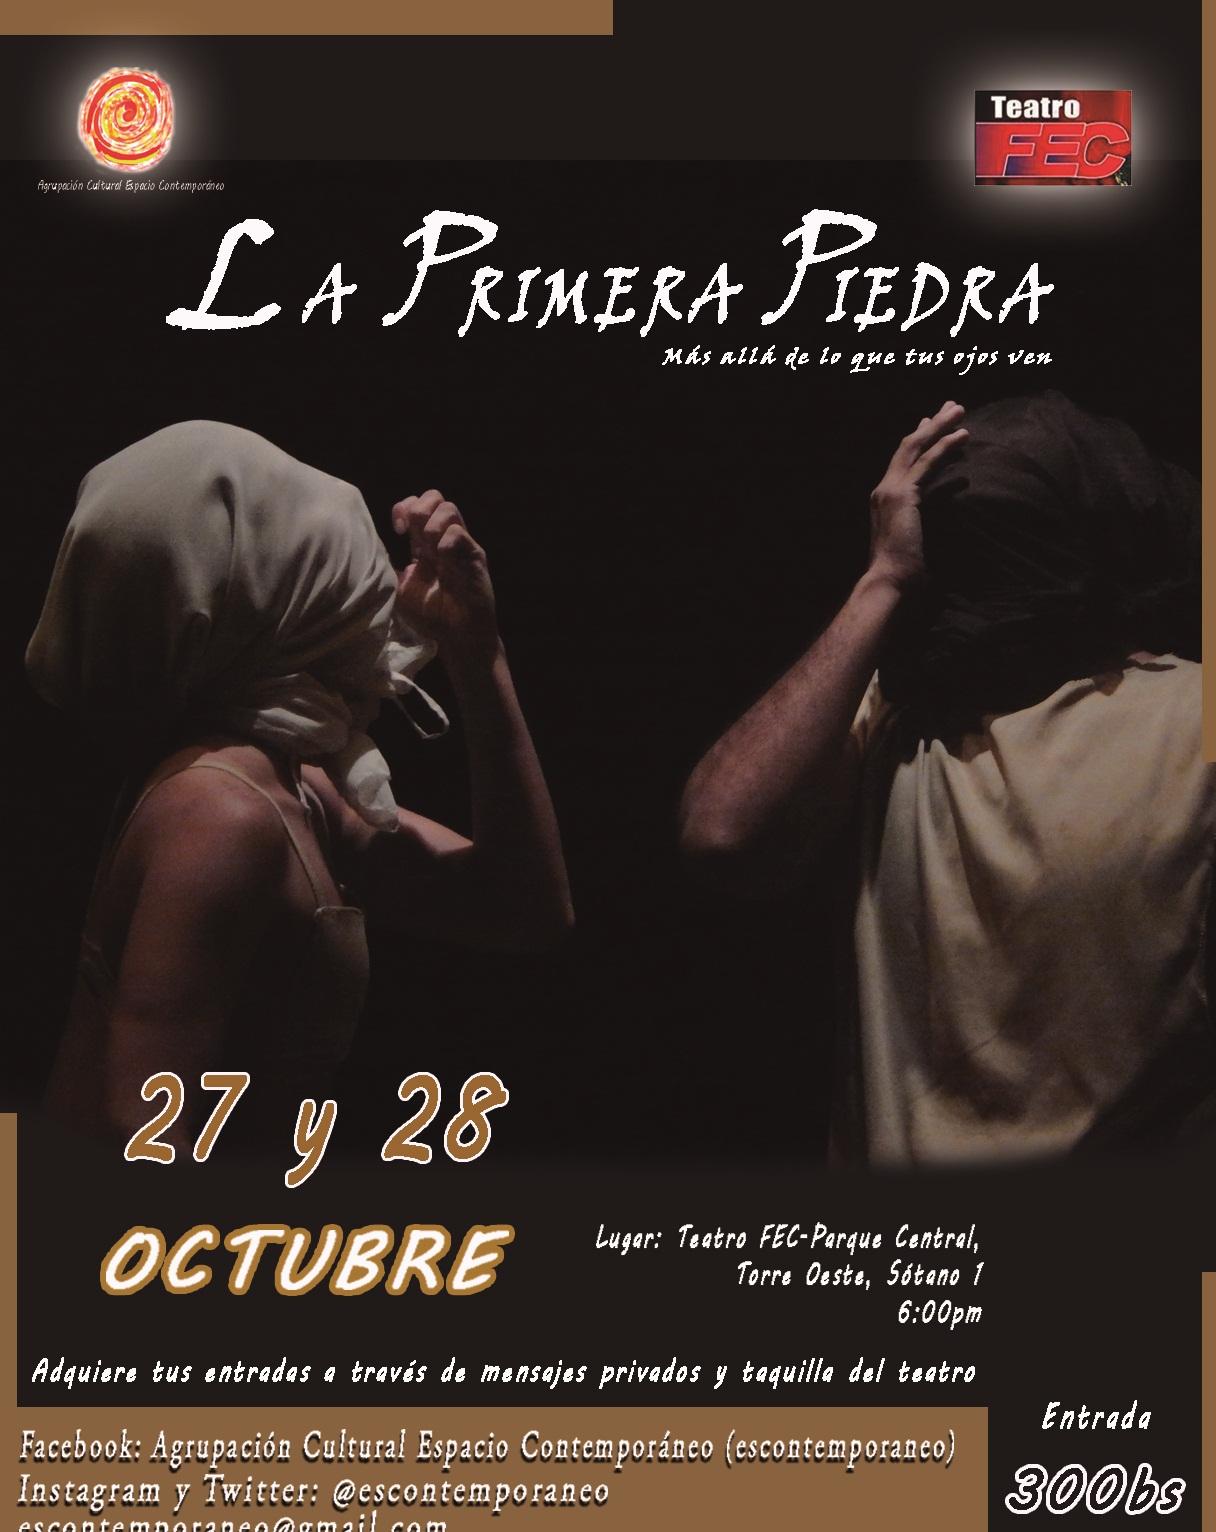 La Primera Piedra abre el telón del Teatro FEC en Parque  Central, los días 27 y 28 de octubre